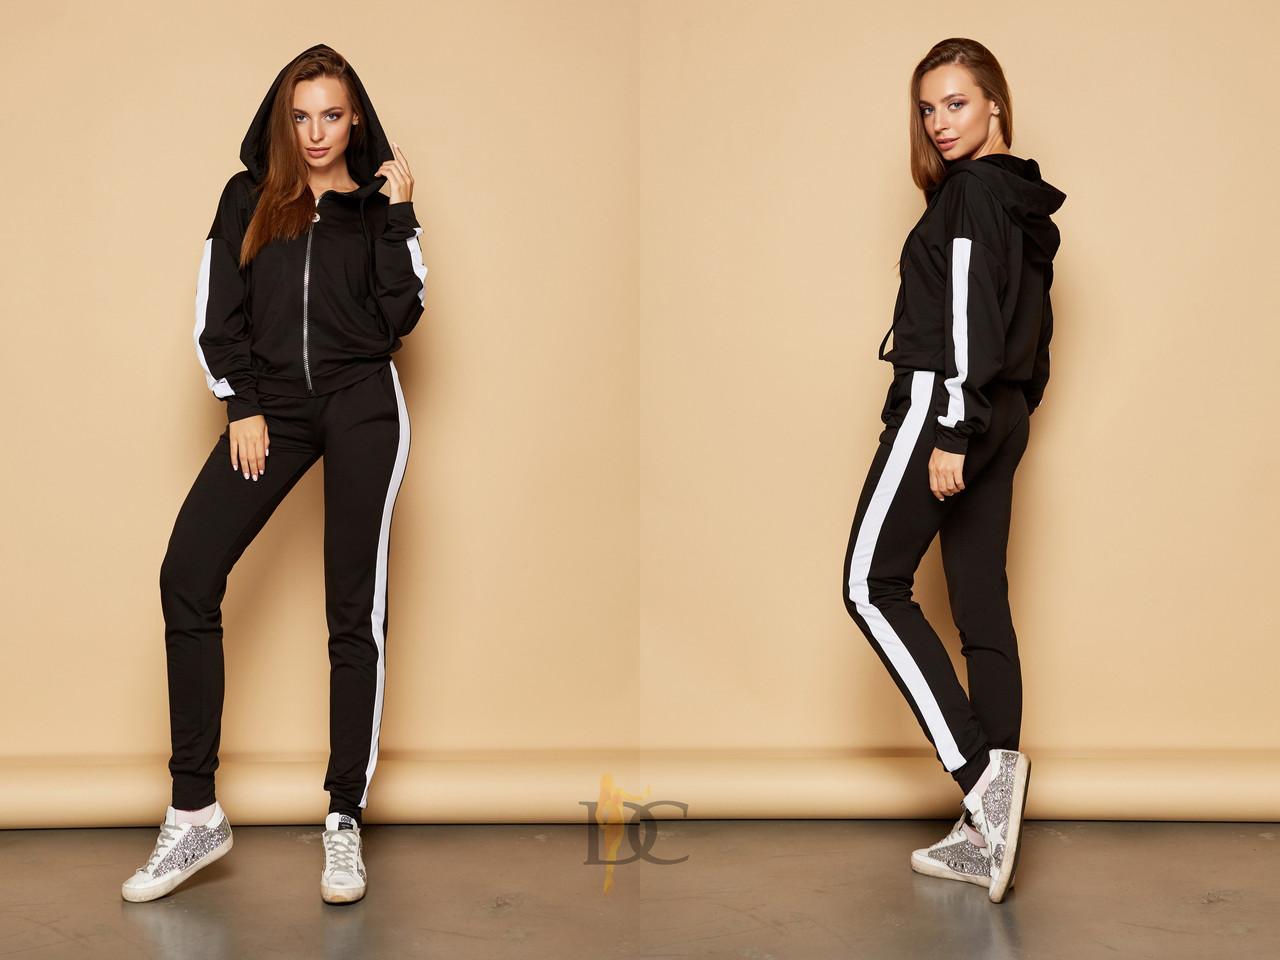 fd39e5c1 Черно-белый женский спортивный костюм с лампасами 3105398 - Интернет-магазин  одежды